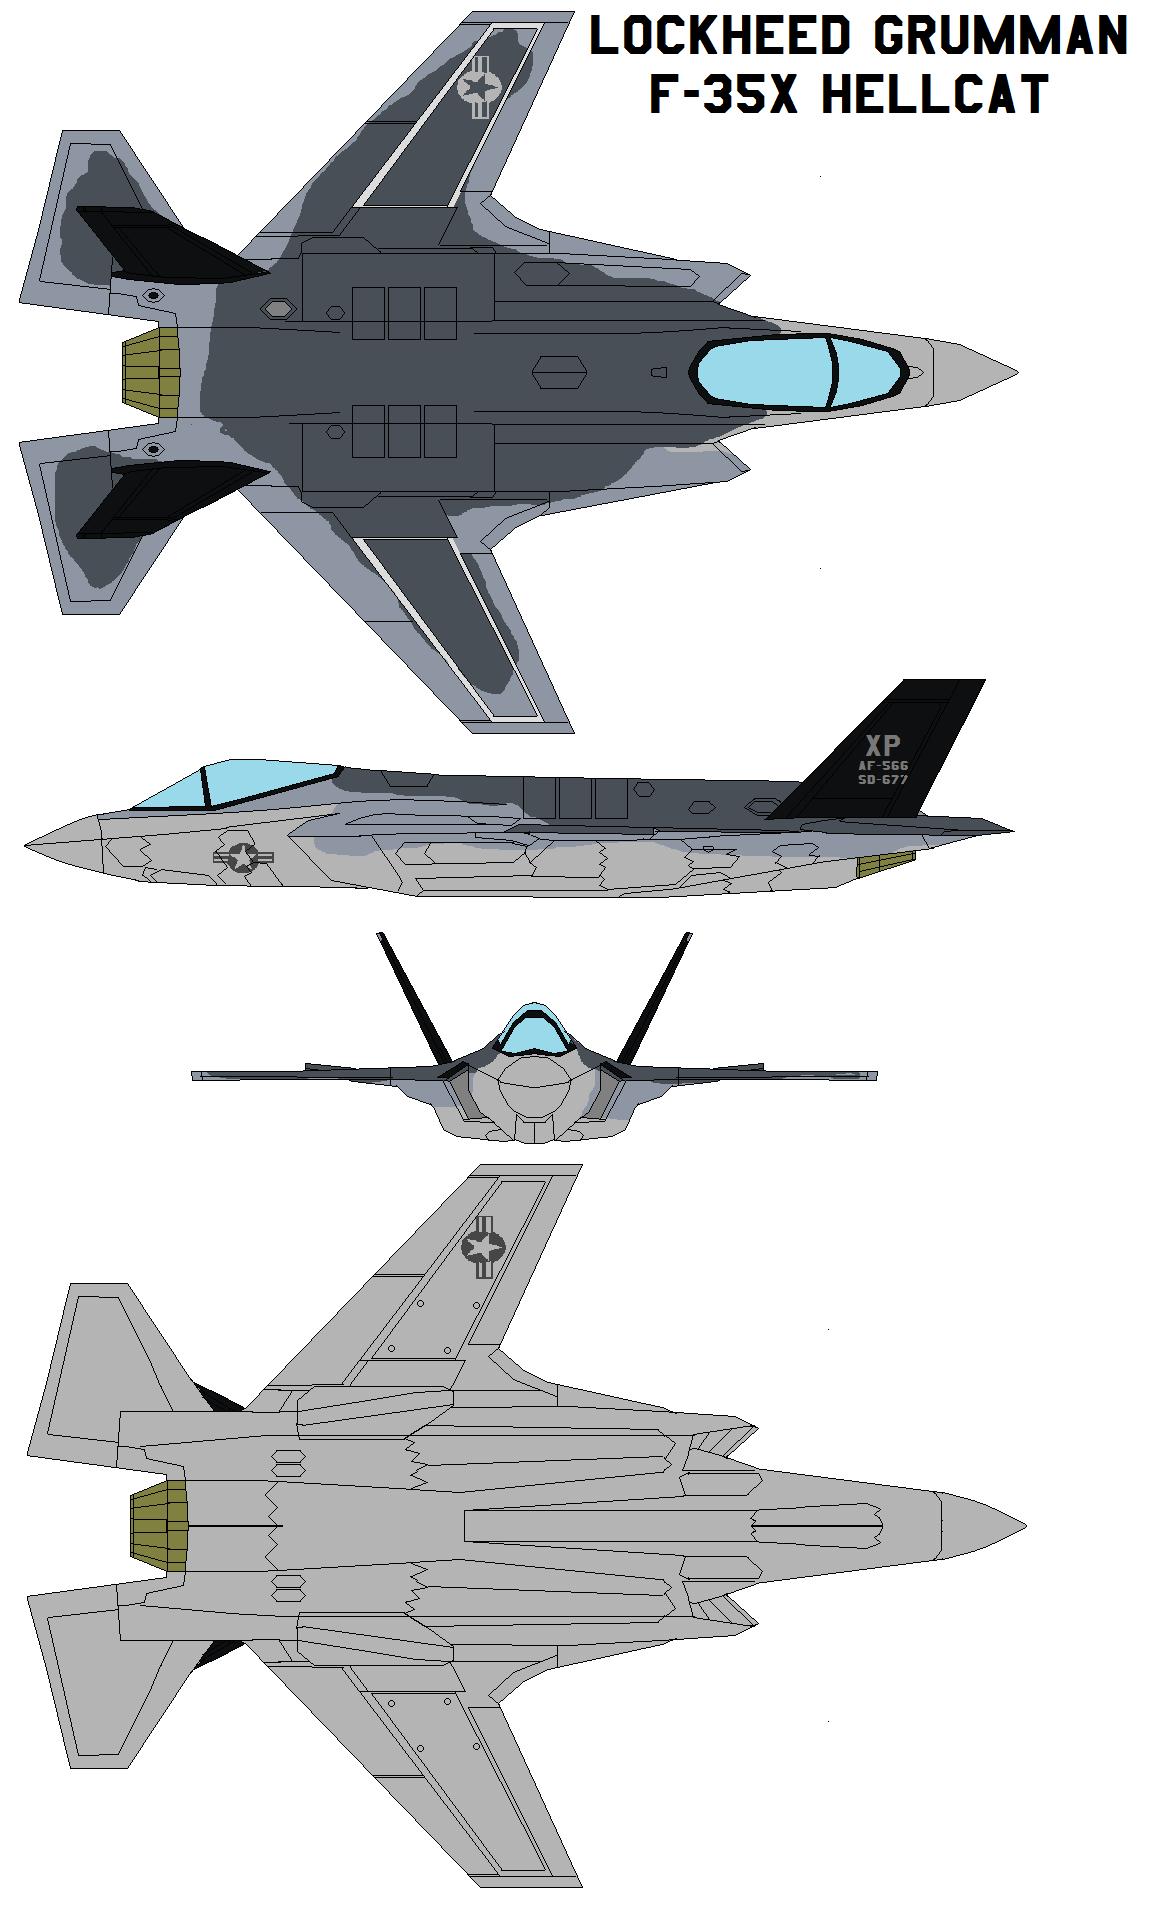 Lockheed Grumman F-35X HELLCAT by bagera3005